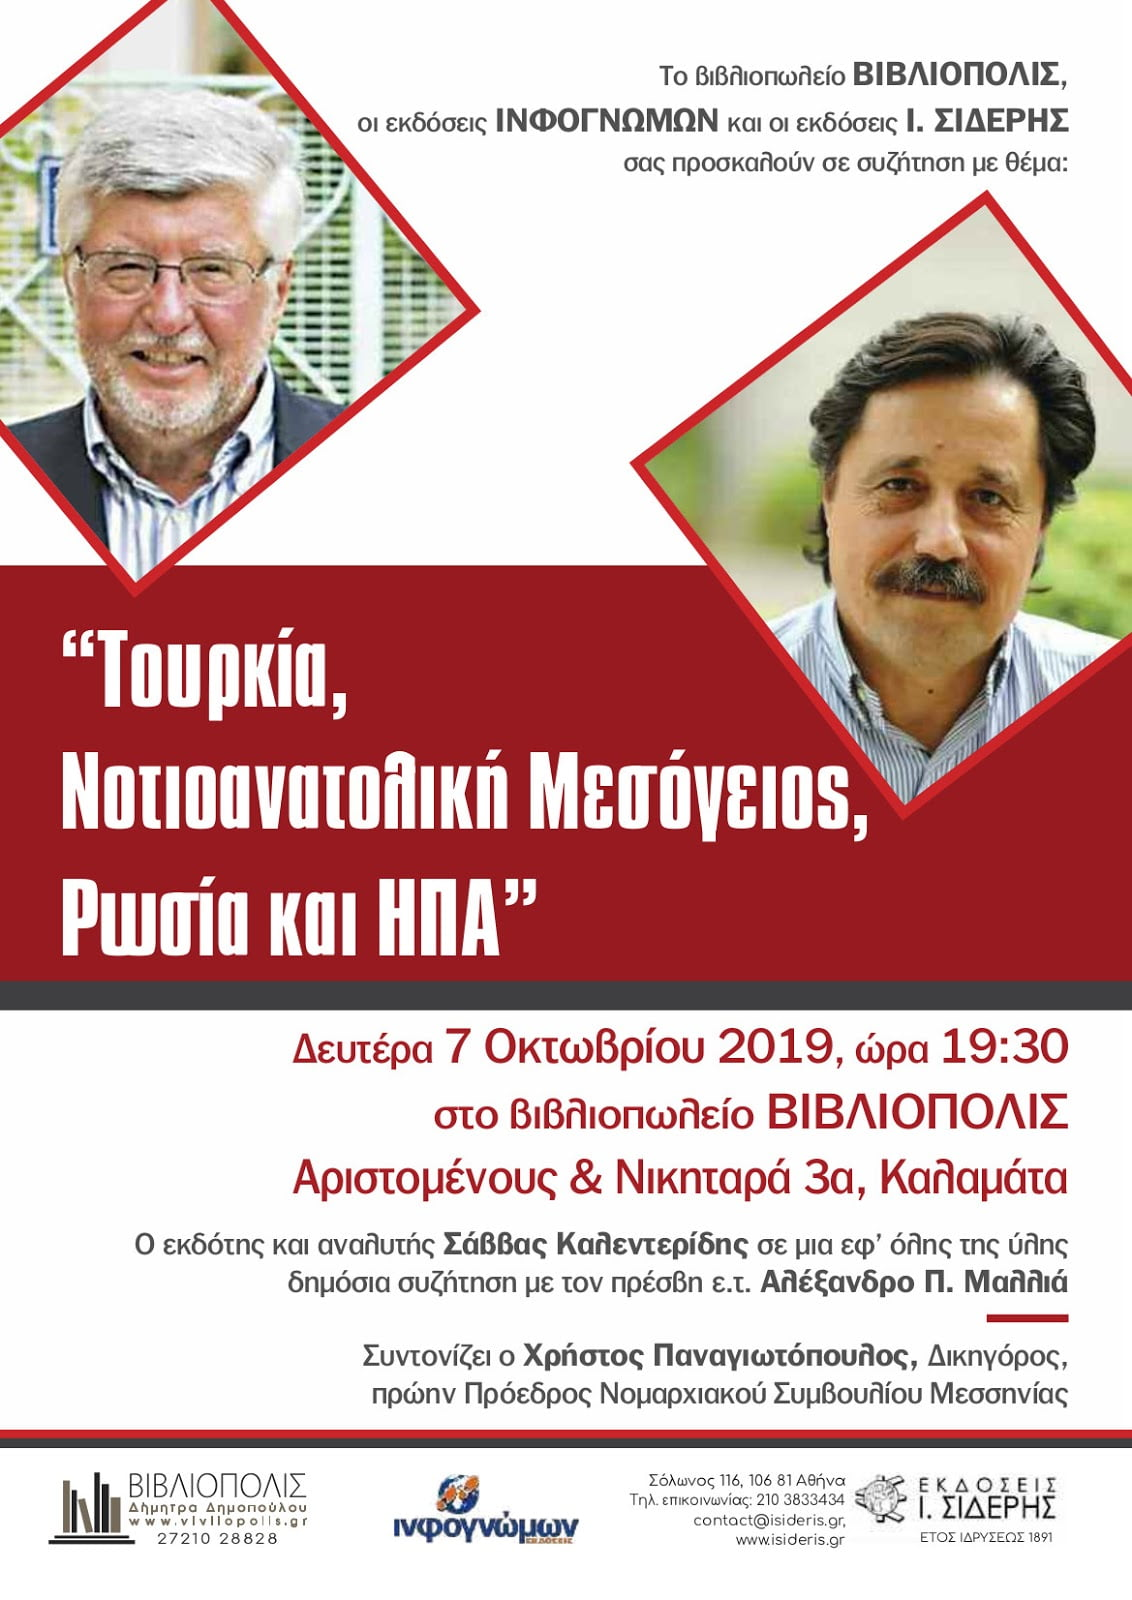 """Εκδήλωση στην Καλαμάτα με θέμα: """"Τουρκία, Αν. Μεσόγειος, Ρωσία και ΗΠΑ"""" με τους Αλέξανδρο Μαλλιά και Σάββα Καλεντερίδη"""